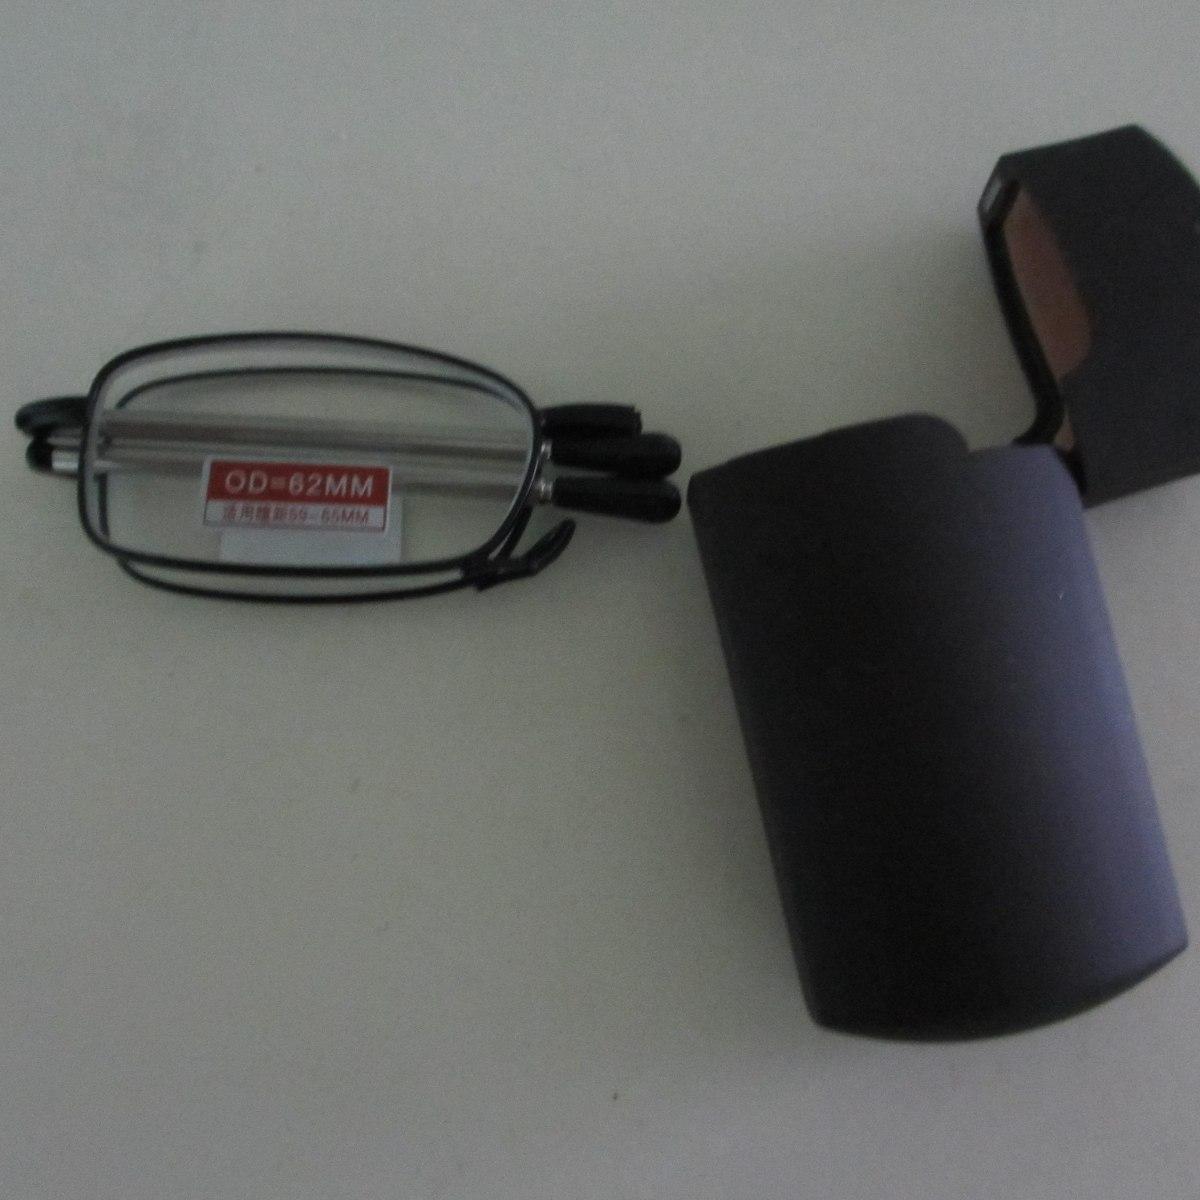 Óculos Dobravél Tipo Telescopico Para Leitura 1,5 - R  111,00 em ... 0726a53c17